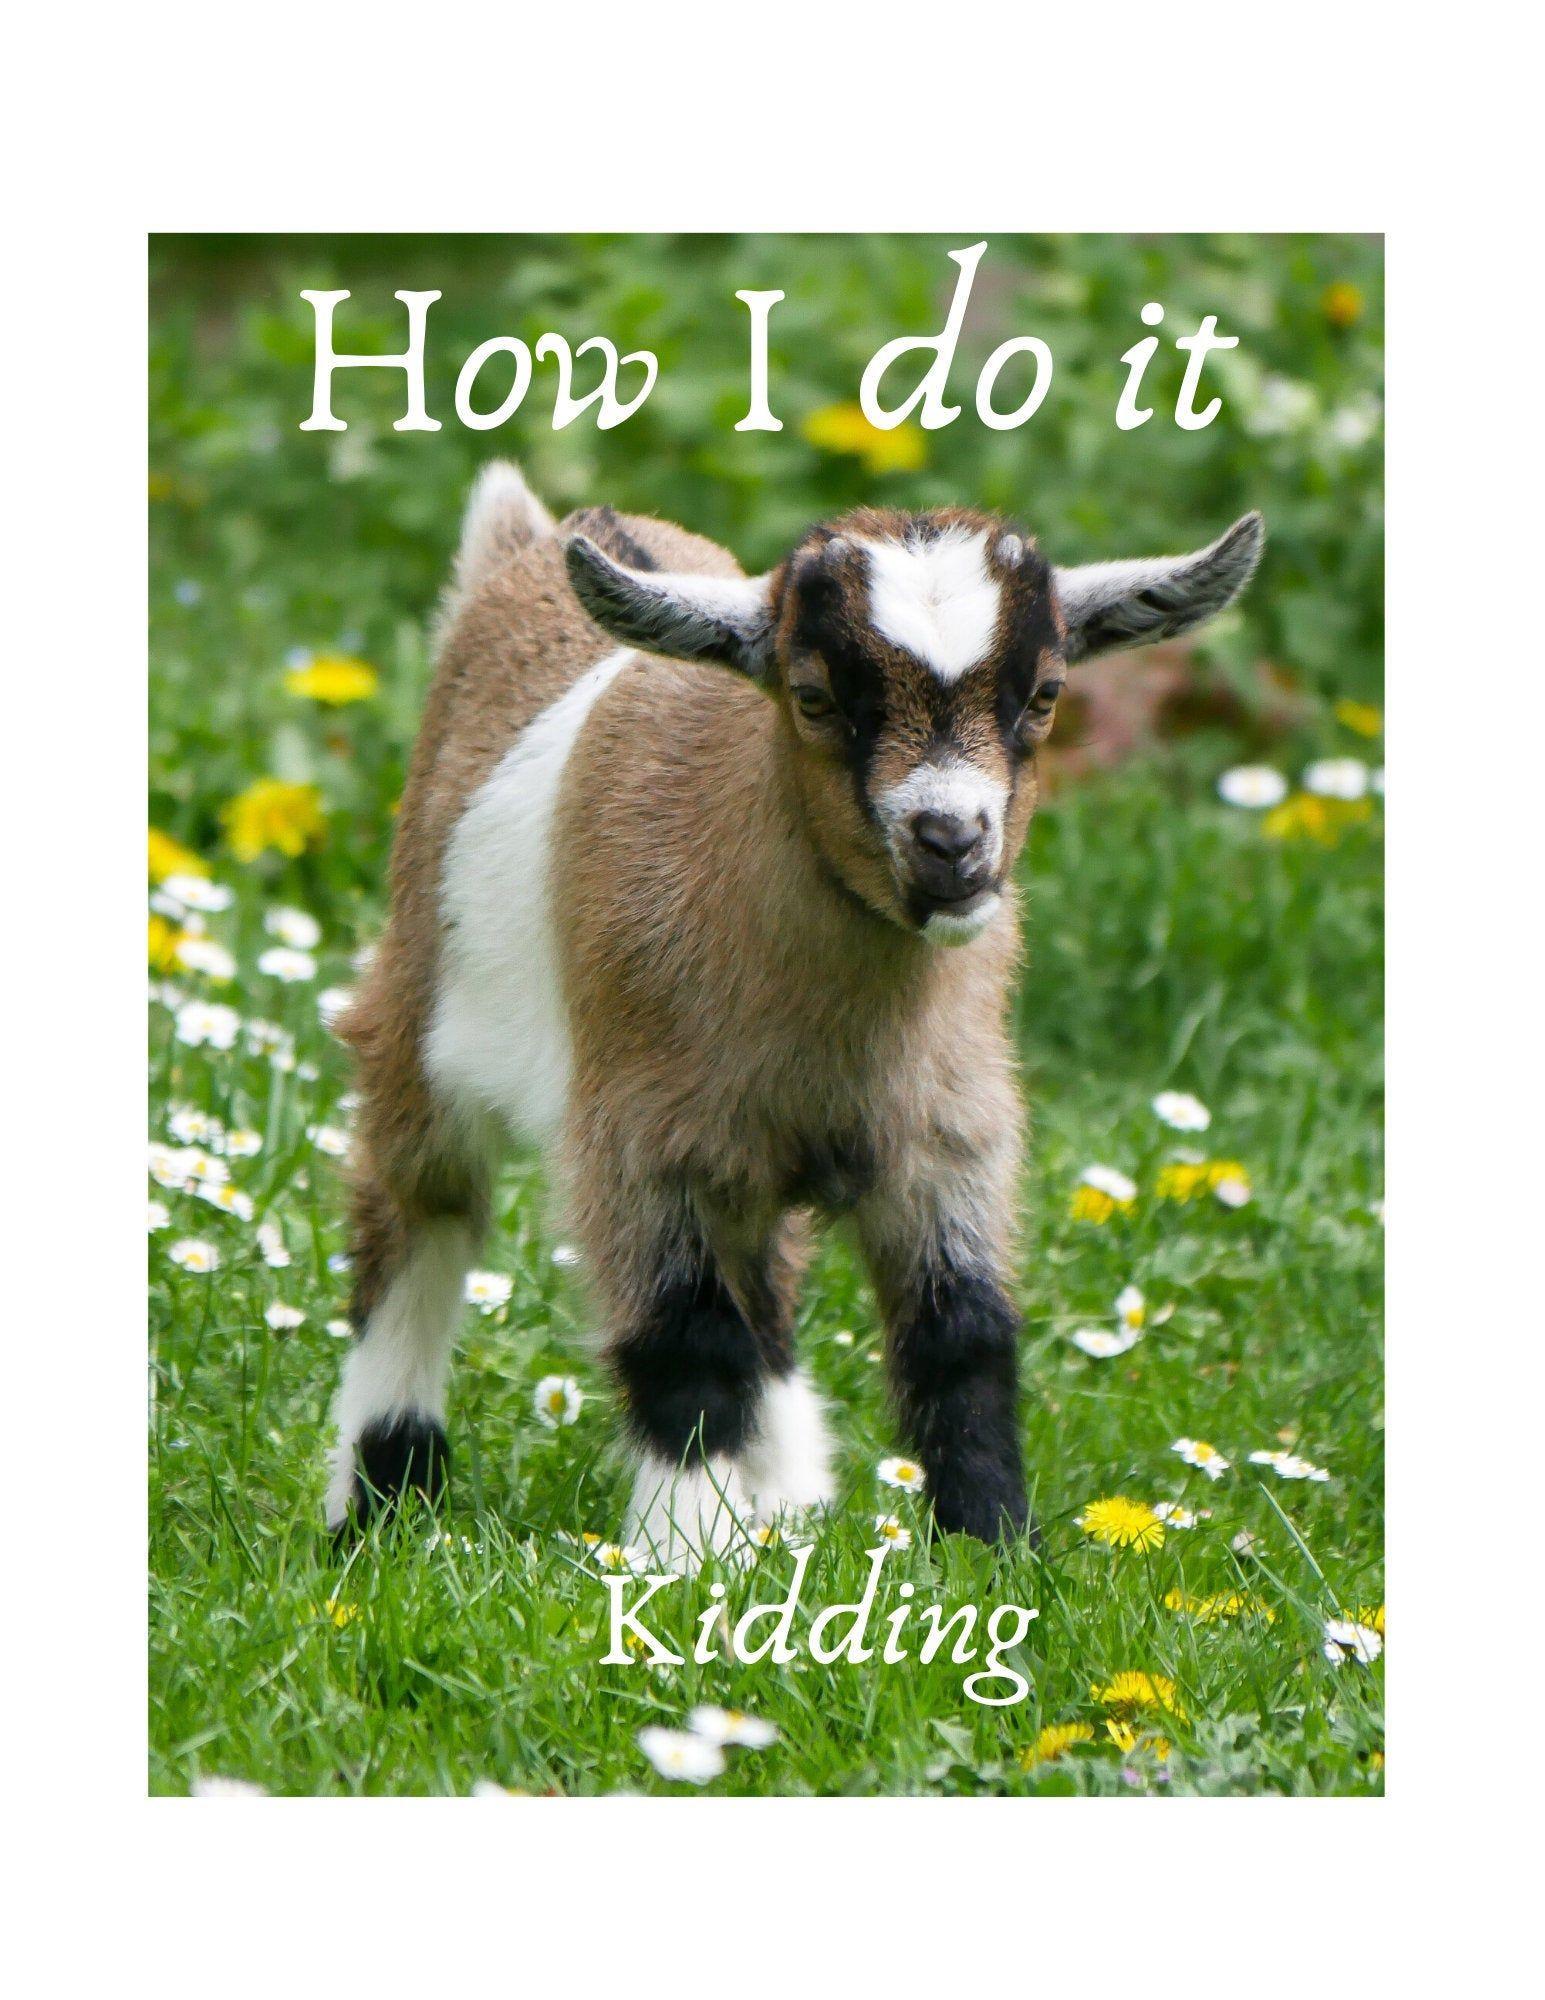 Goat Kidding eBook Digital Download Etsy in 2020 Goats